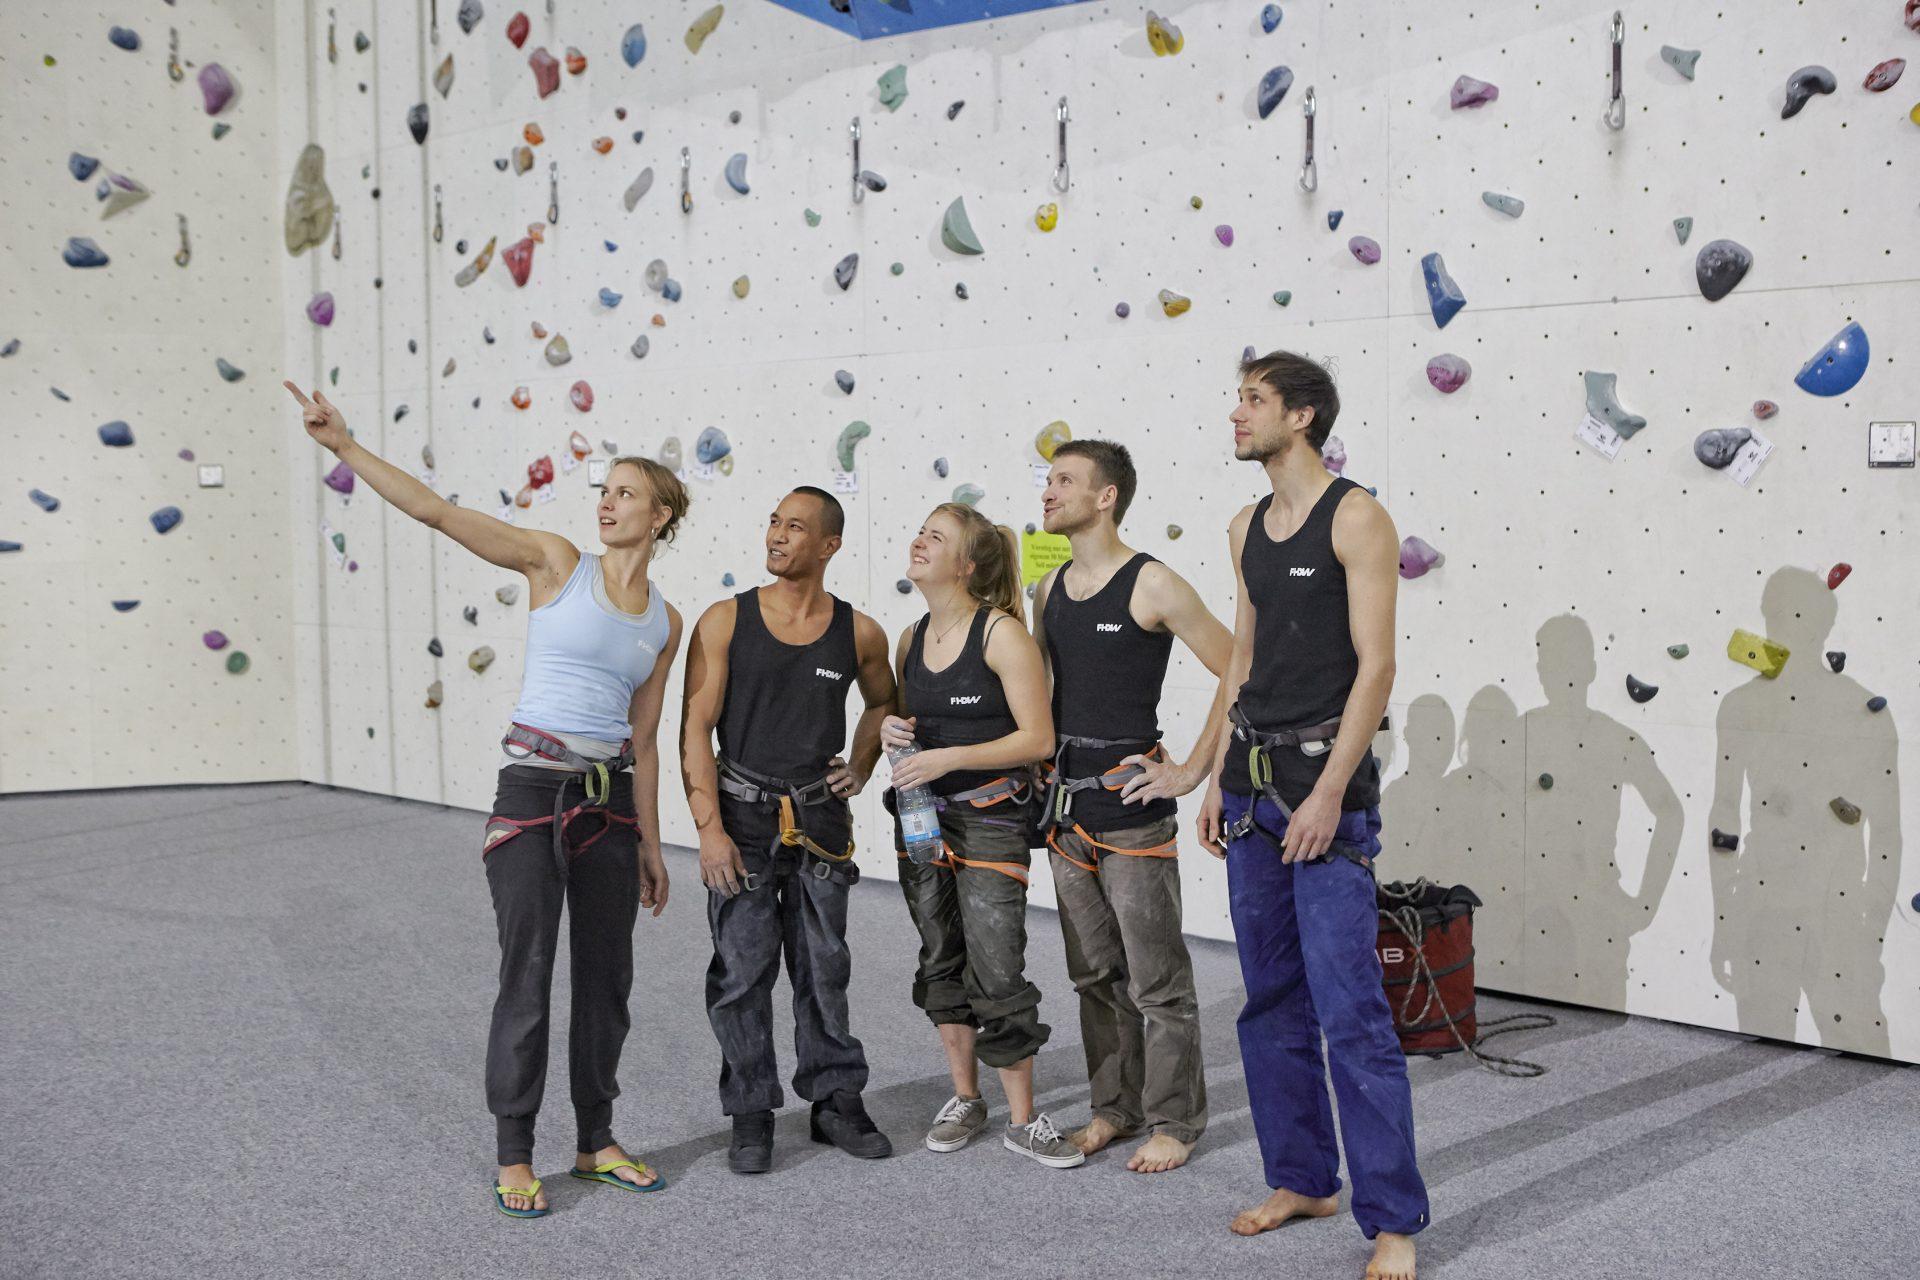 Teambesprechung in Kletterhalle. Fotograf: Jörg Saibou, Köln.